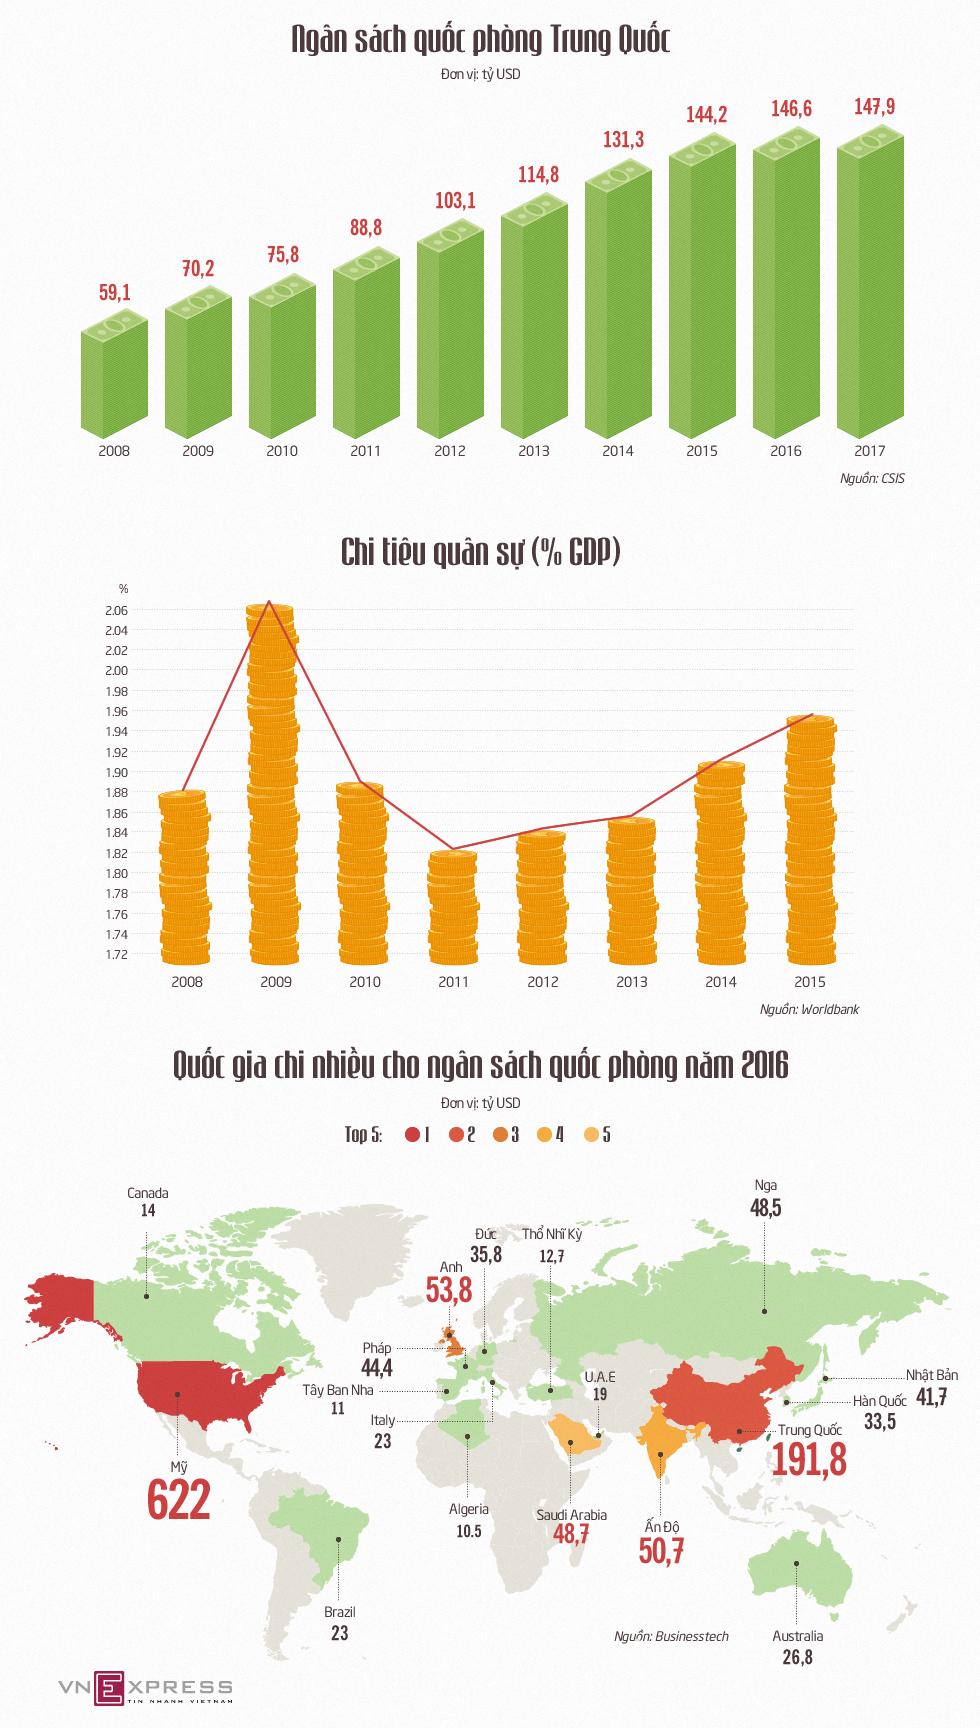 Ngân sách quốc phòng tăng 10 năm liên tiếp của Trung Quốc